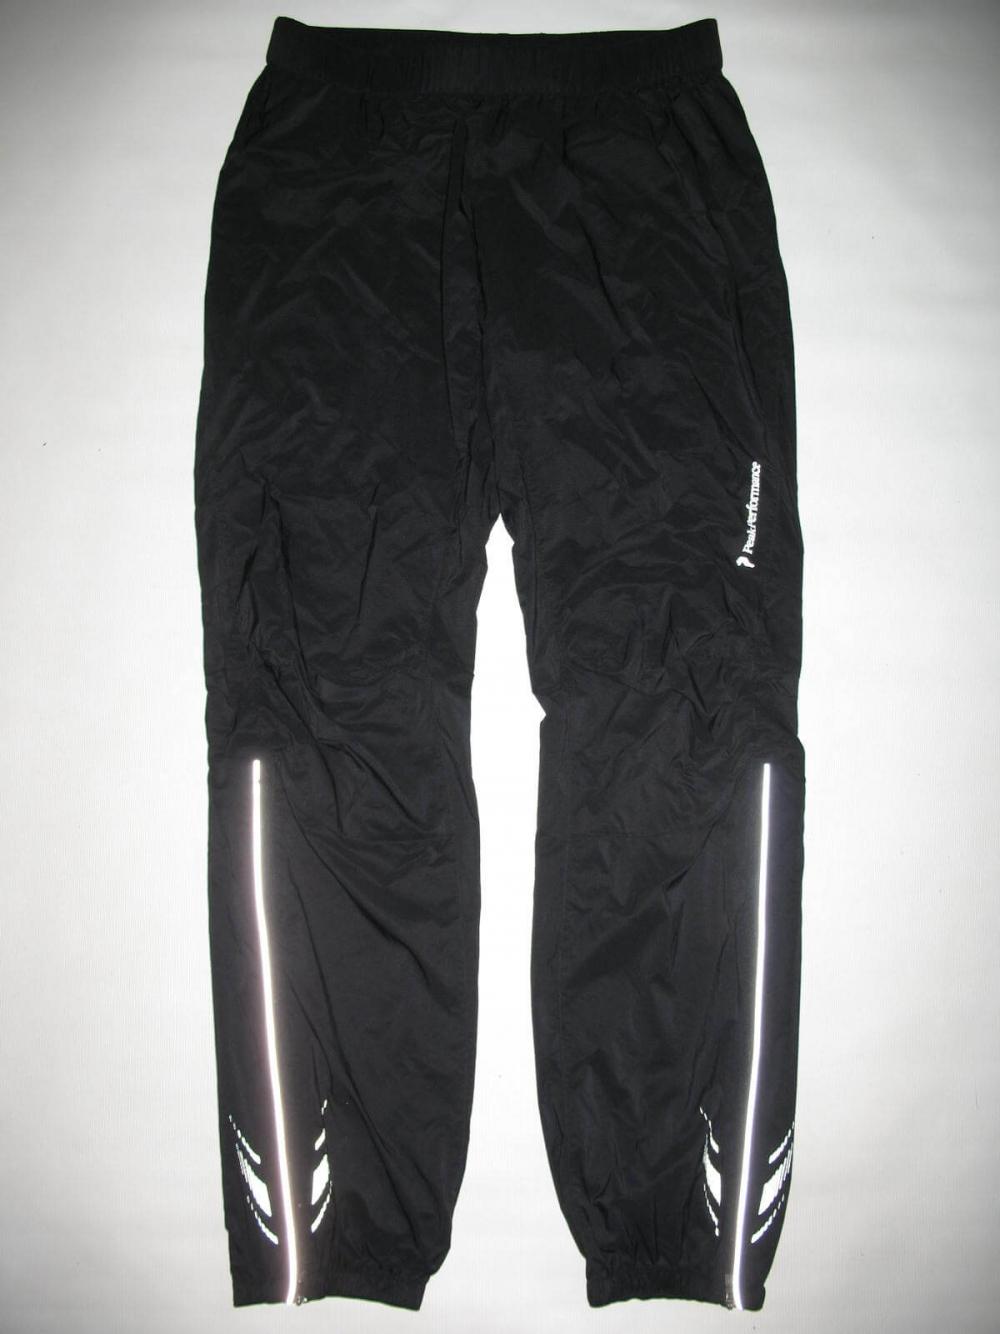 Штаны PEAK PERFOMANCE ultralight pants (размер M/L) - 1